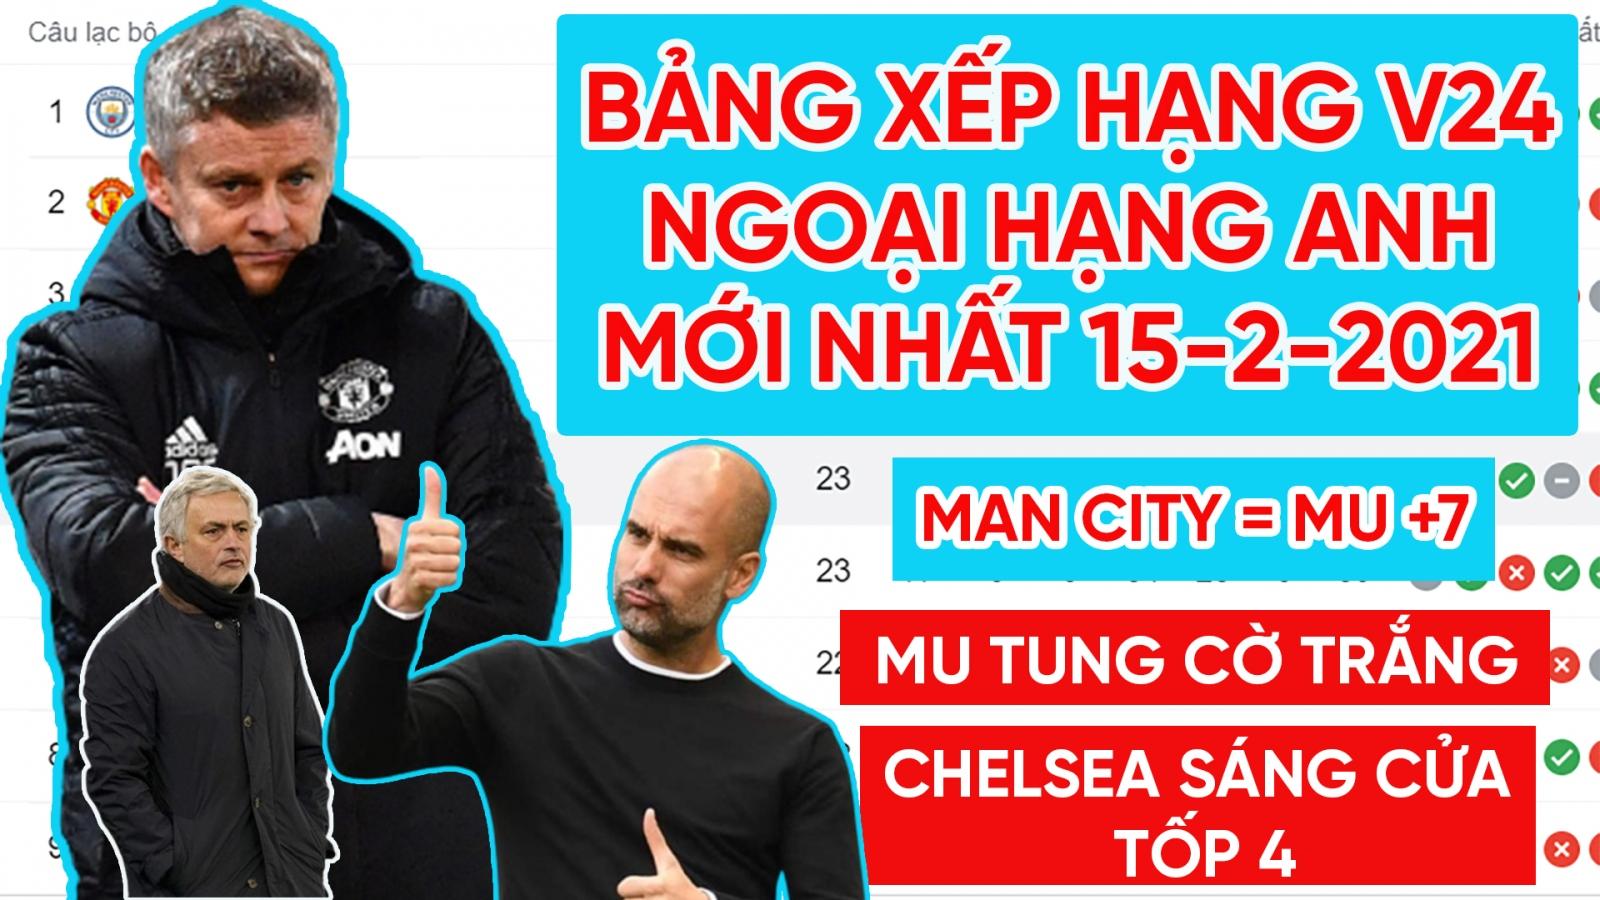 Bảng xếp hạng Ngoại hạng Anh mới nhất: MU tung cờ trắng, Chelsea rộng cửa vào tốp 4